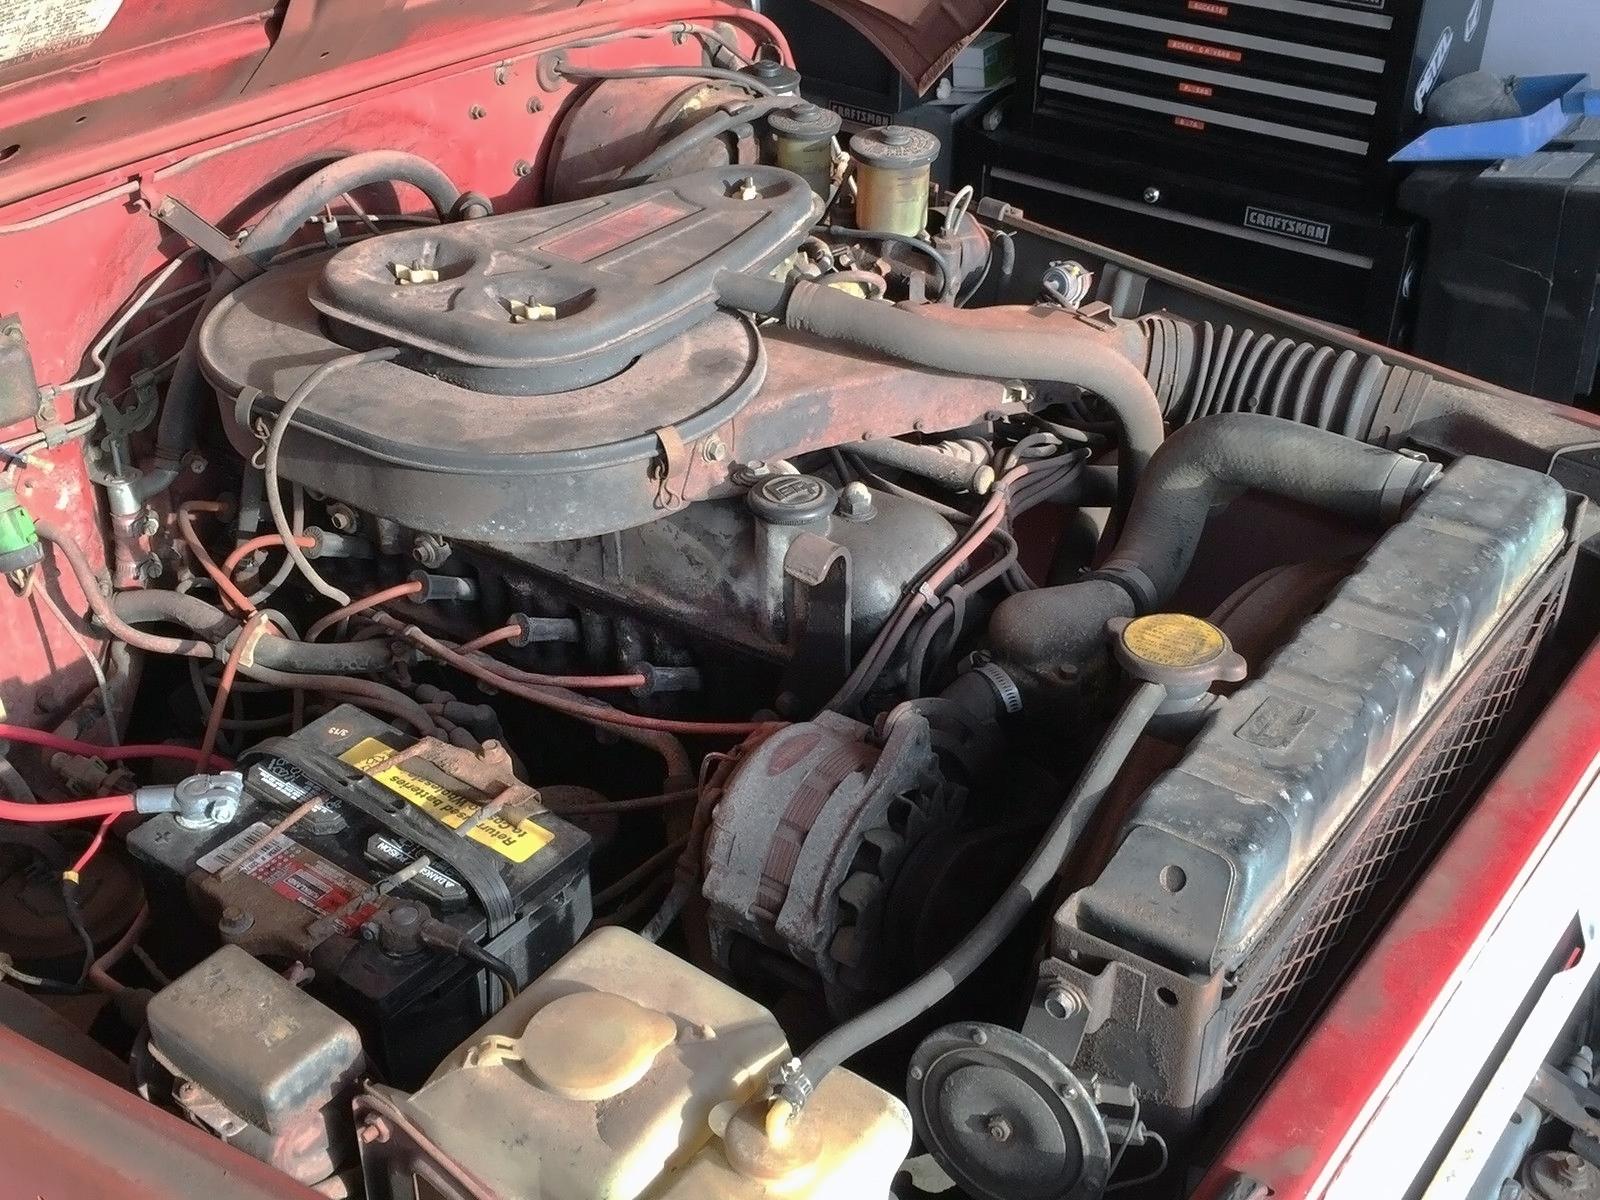 California Cruiser 1978 Toyota Land Fj40 Engine 041616 Barn Finds 4